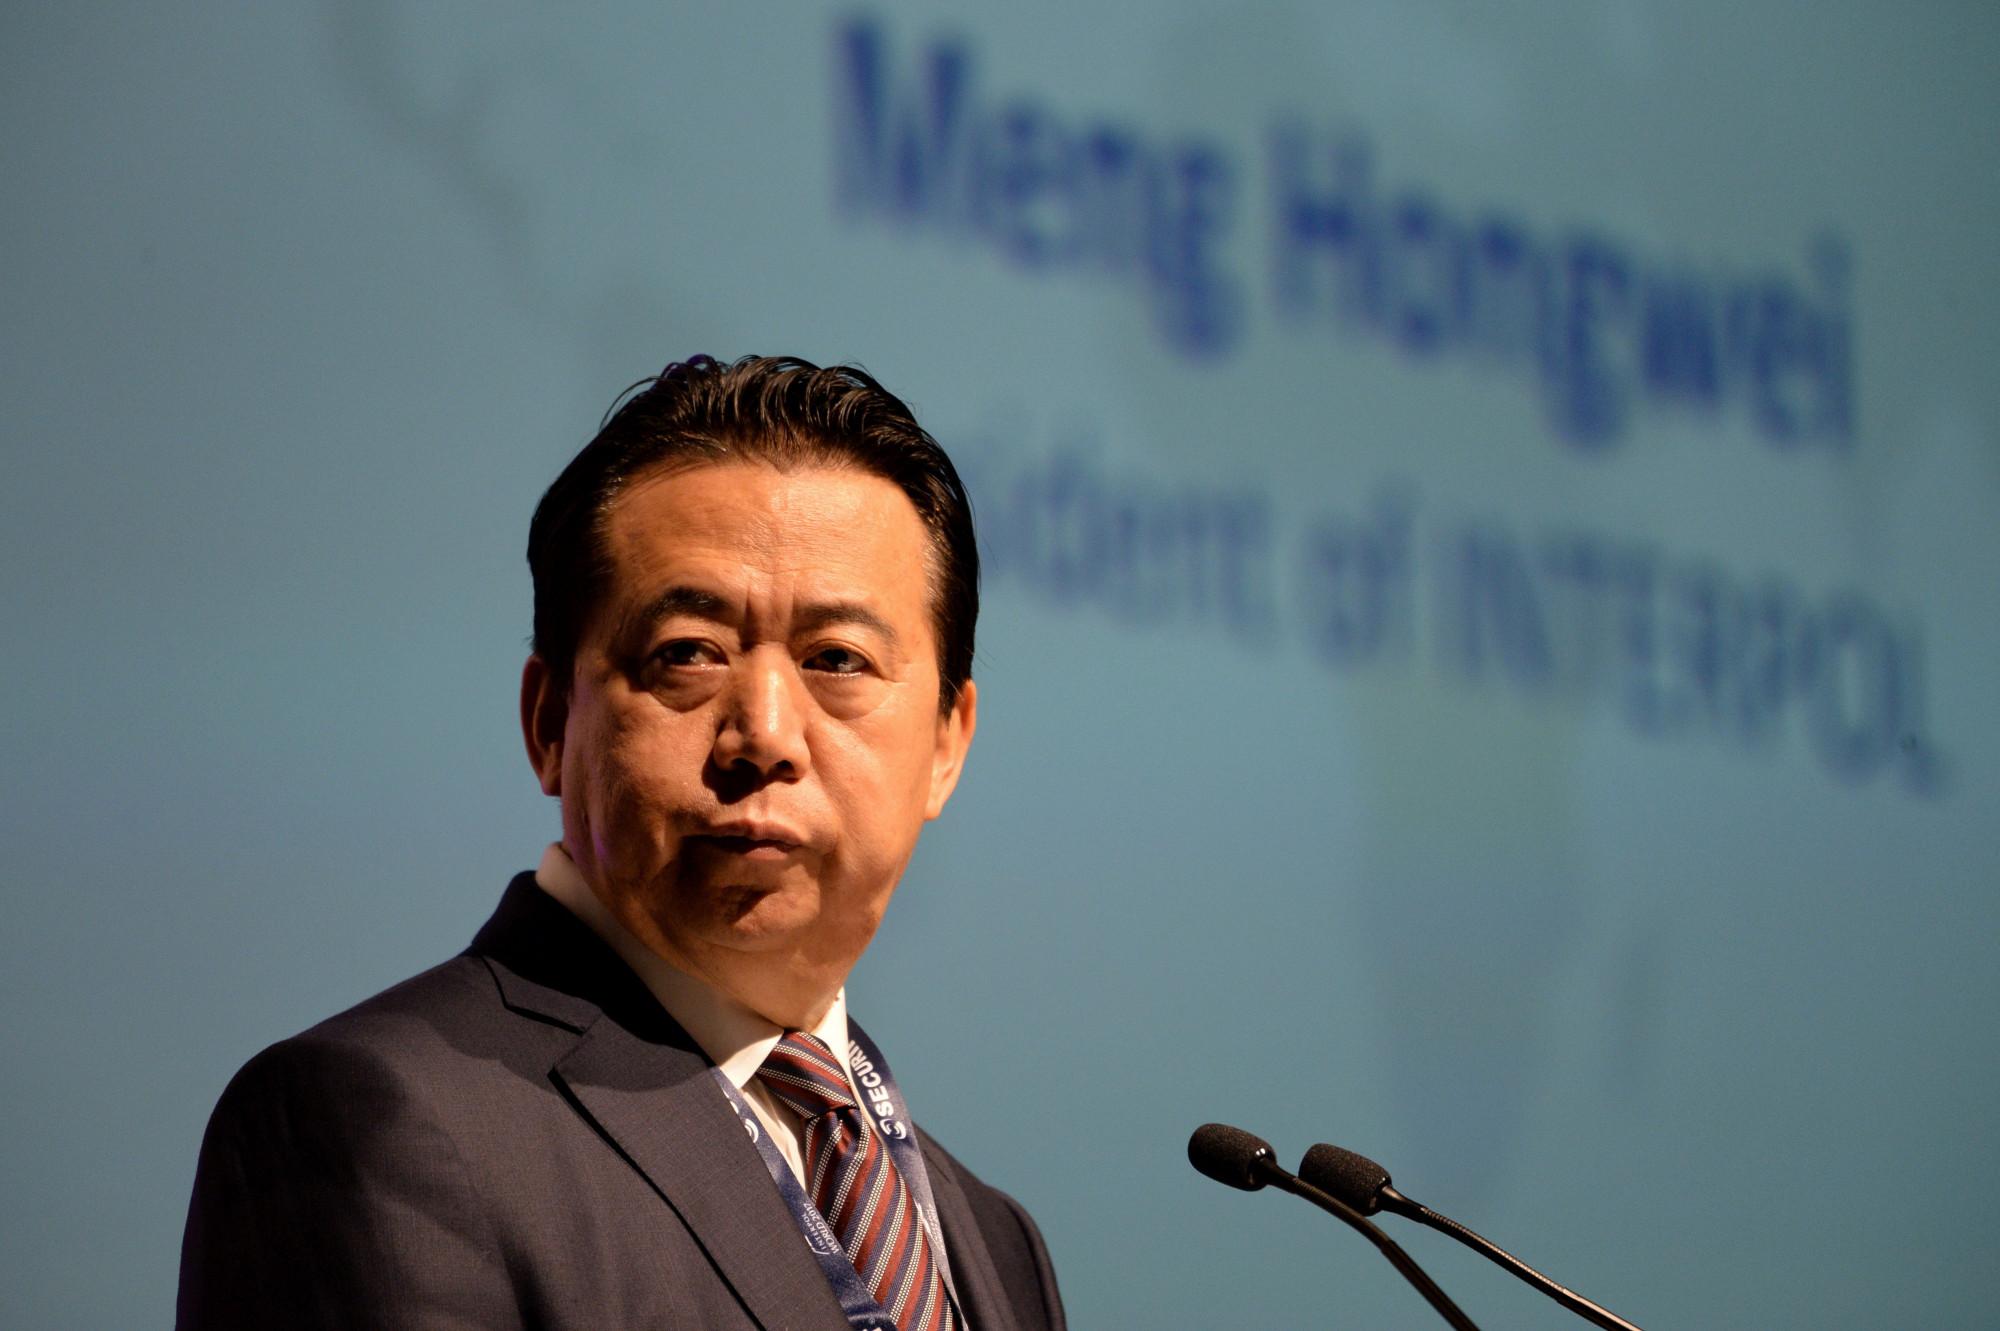 O ex-presidente da Interpol, Meng Hongwei, discursa na abertura do Congresso Mundial da Interpol em Cingapura, em 4 de julho de 2017 (Roslan Rahman / AFP / Getty Images)